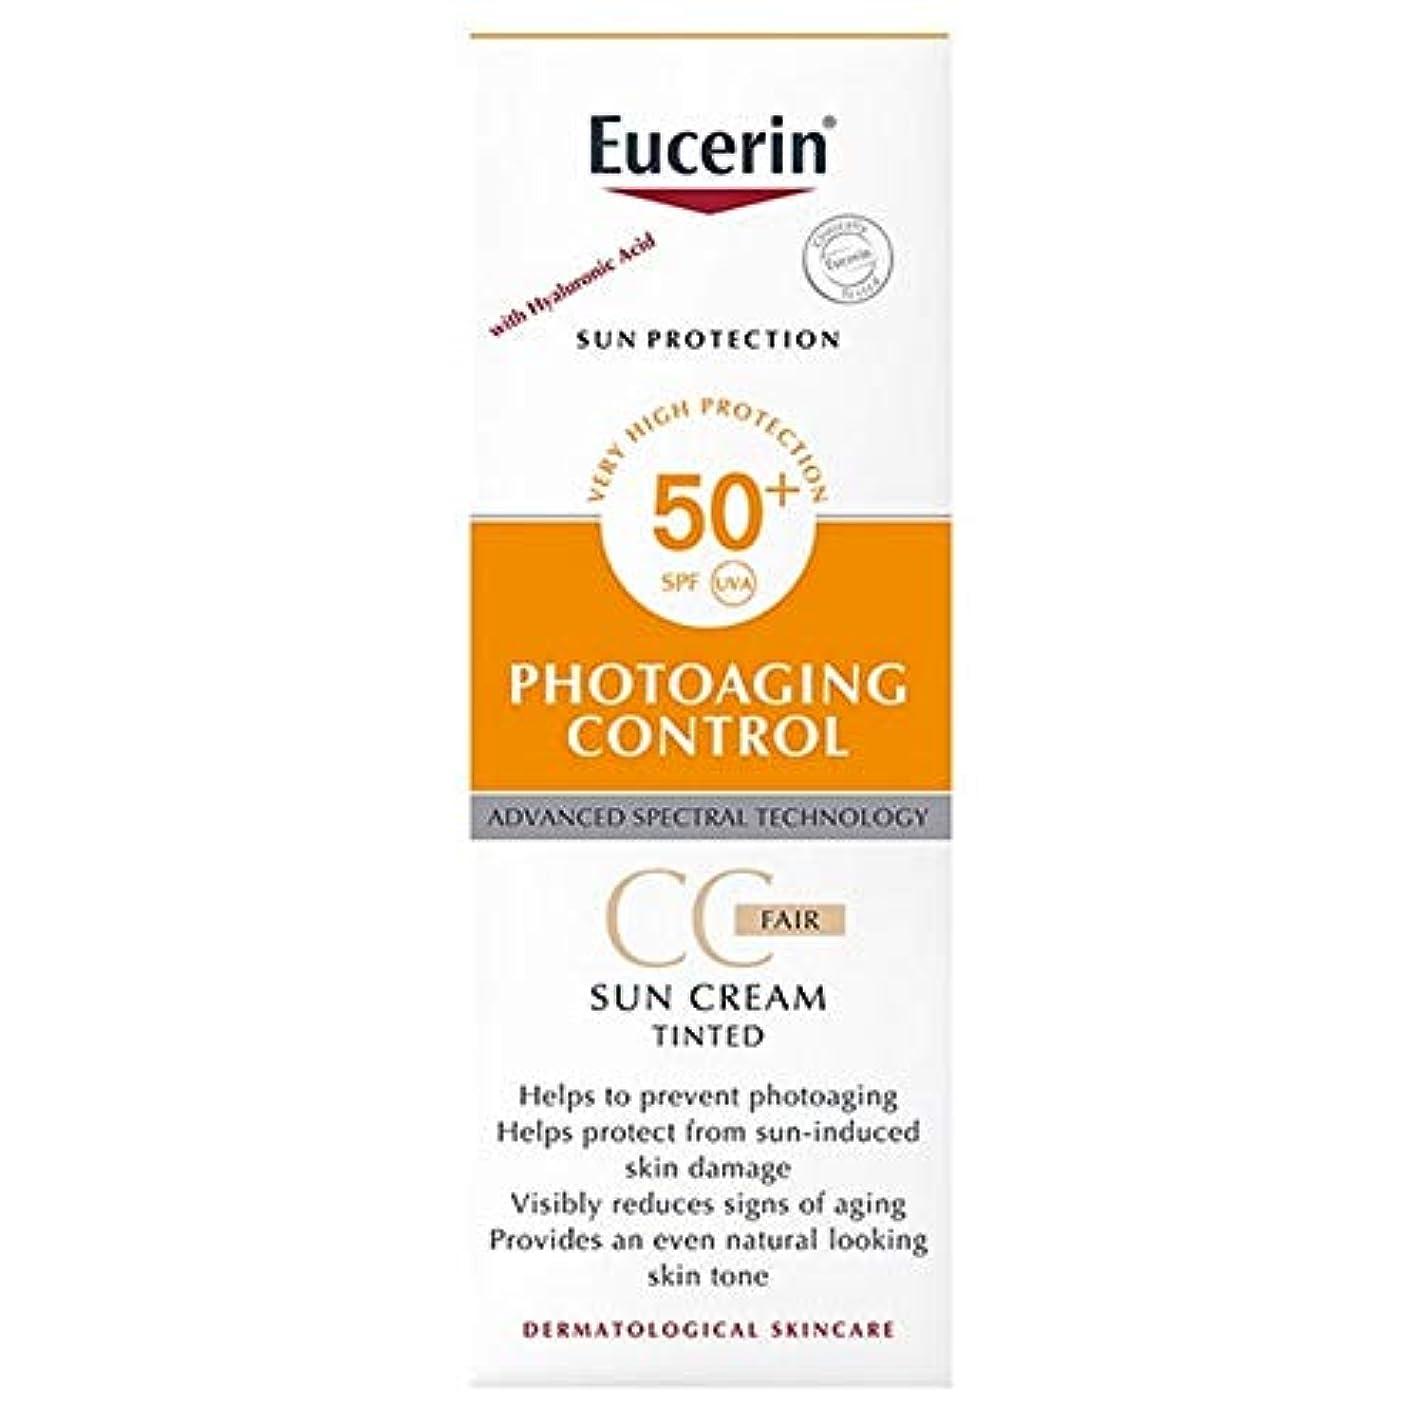 タービン軽言及する[Eucerin ] ユーセリンの光老化制御着色公正日クリームSpf50の50ミリリットル - Eucerin Photoaging Control Tinted Fair Sun Cream SPF50 50ml [並行輸入品]